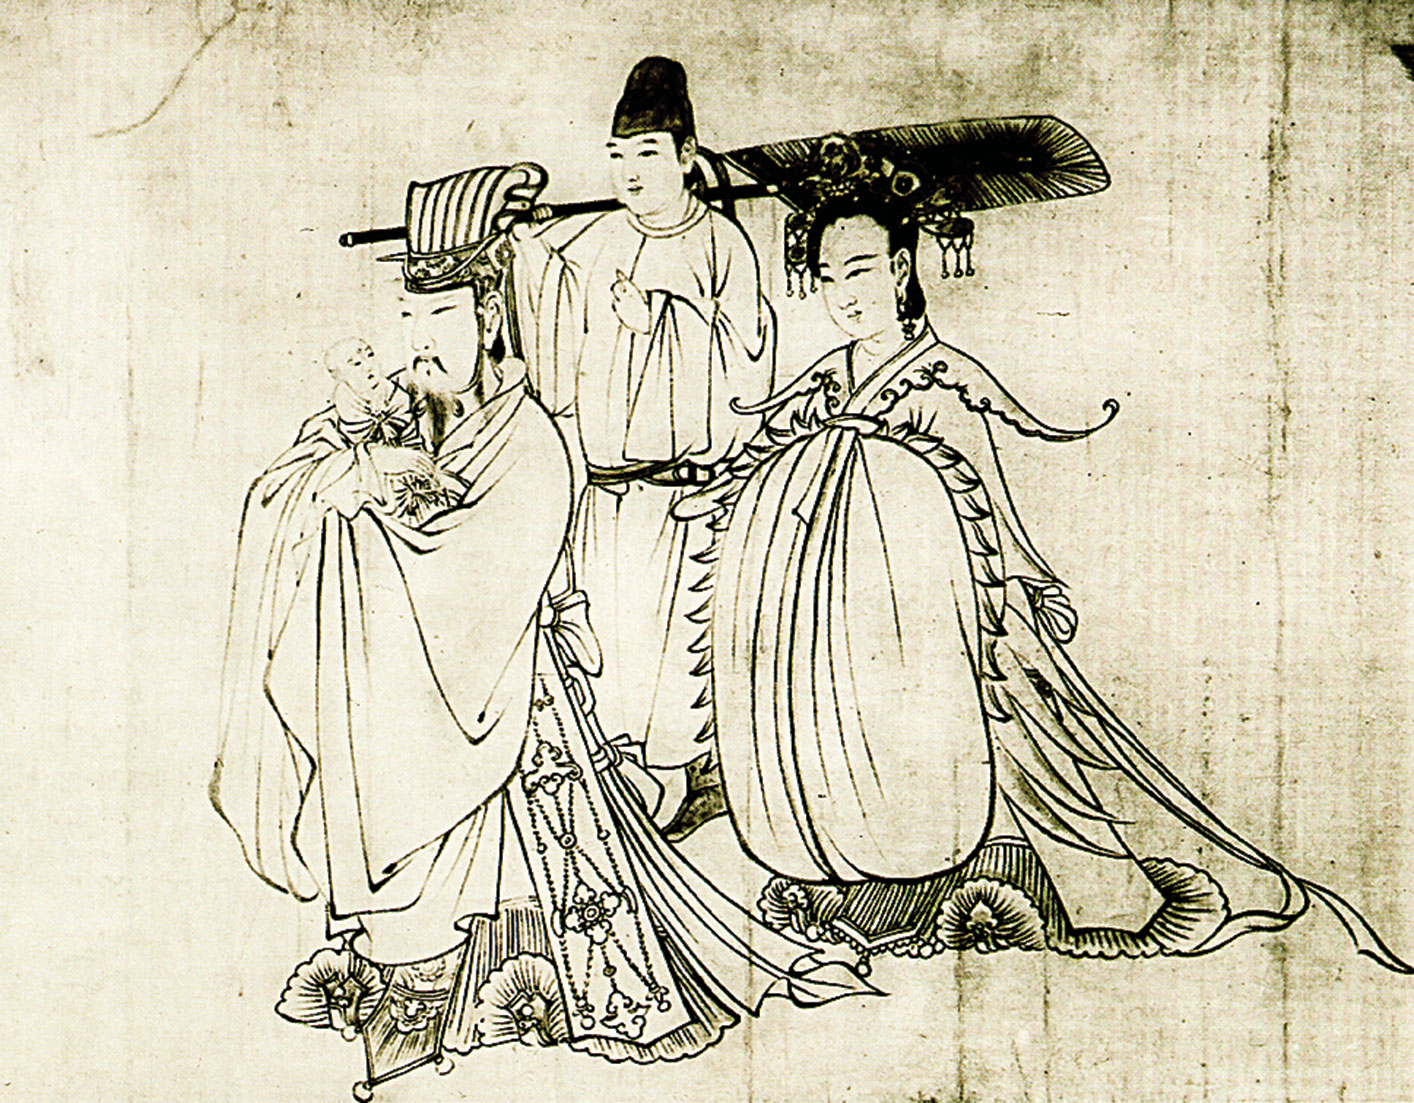 唐·吳道子《釋迦降生圖》(又名《送子天王圖》)。日本大阪市立美術館藏。(公有領域)